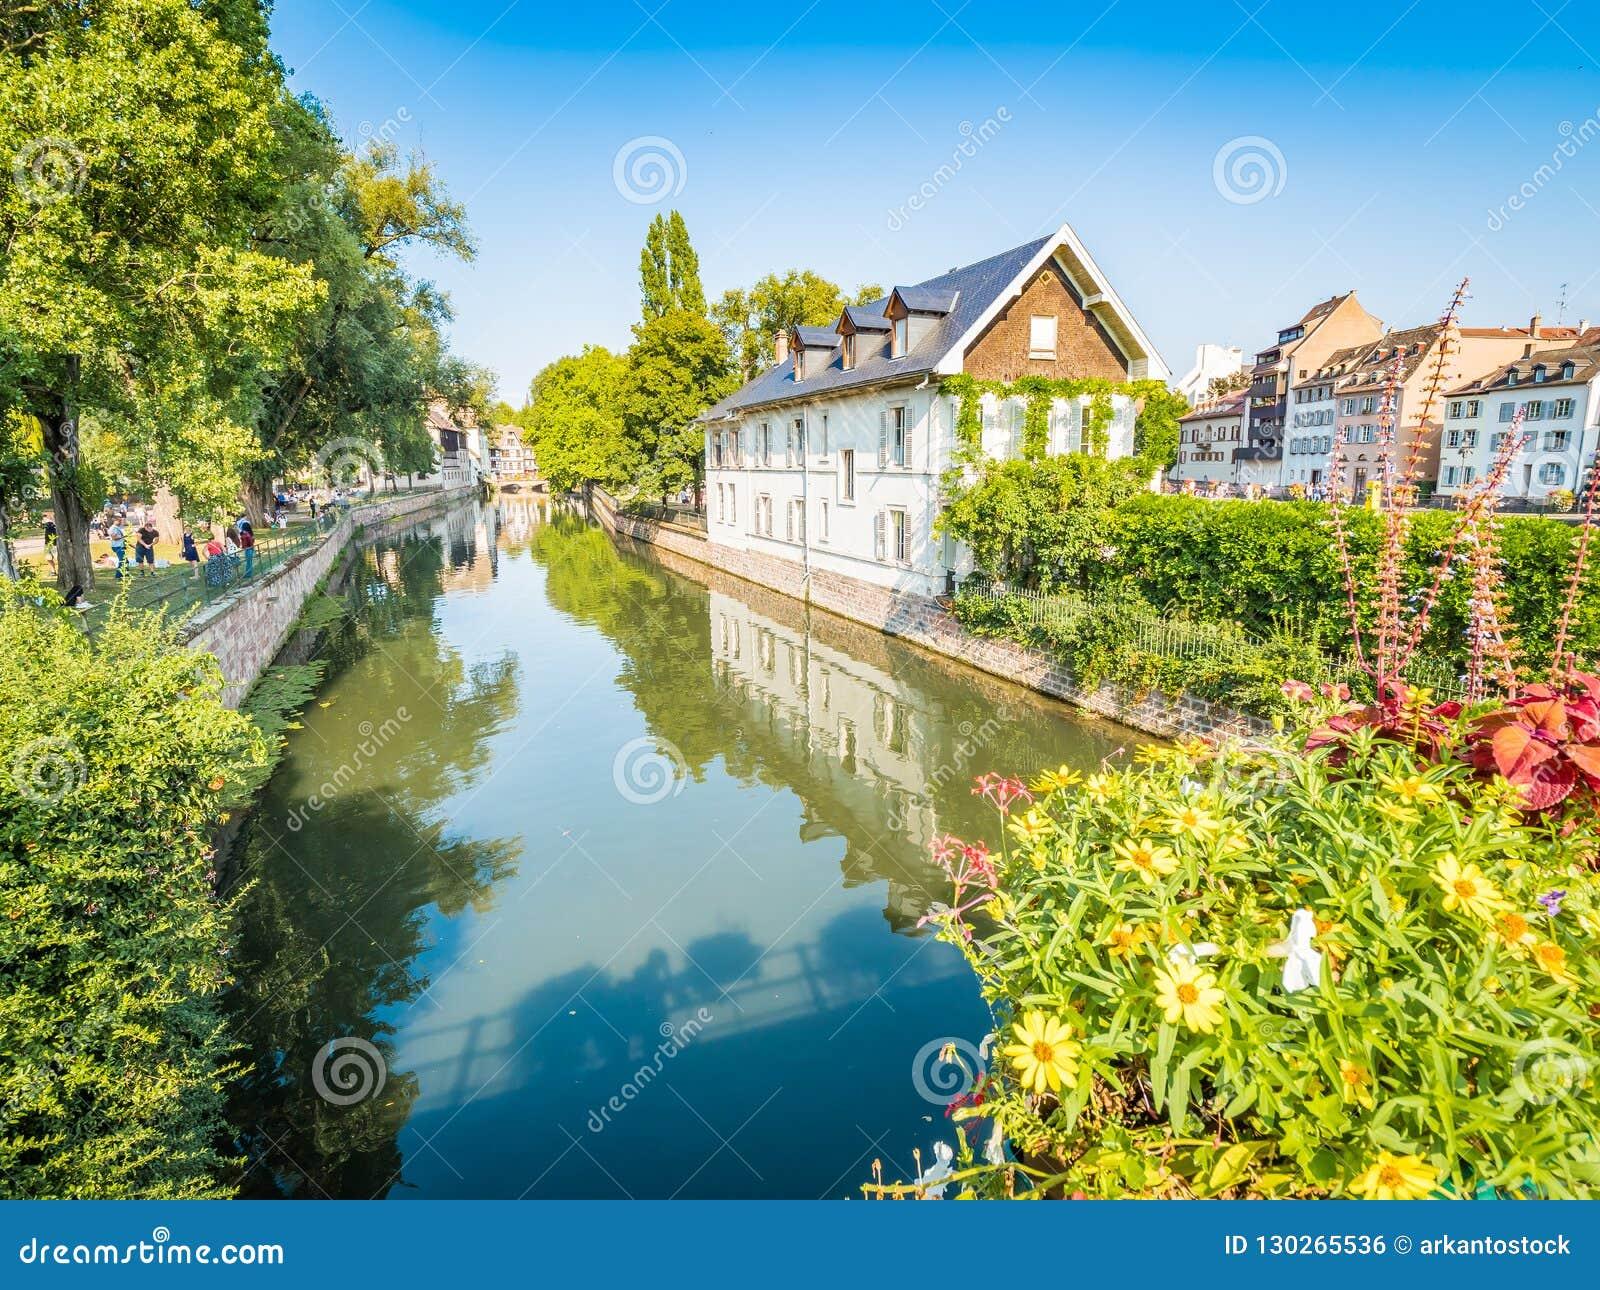 Estrasburgo, Francia - canales pintorescos en el La Petite France en la ciudad vieja del cuento de hadas medieval de Estrasburgo